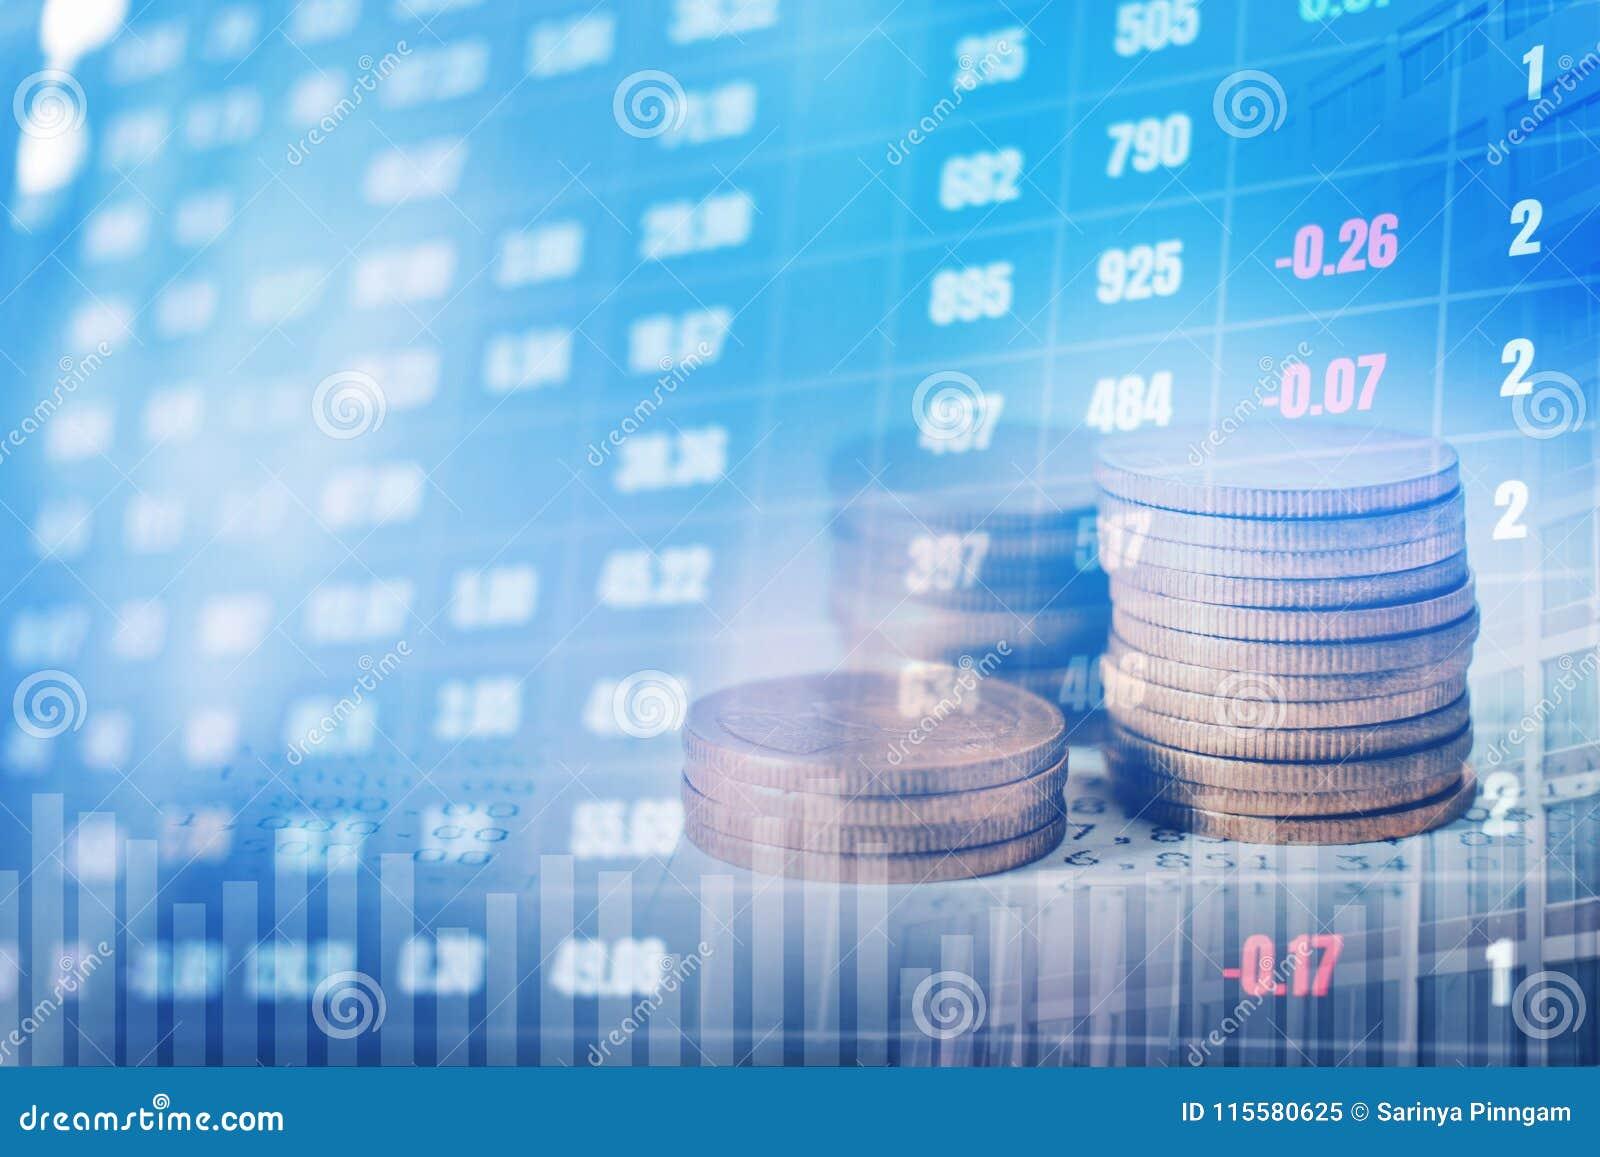 Γραφική παράσταση στις σειρές των νομισμάτων για τη χρηματοδότηση και τις τραπεζικές εργασίες στο ψηφιακό απόθεμα